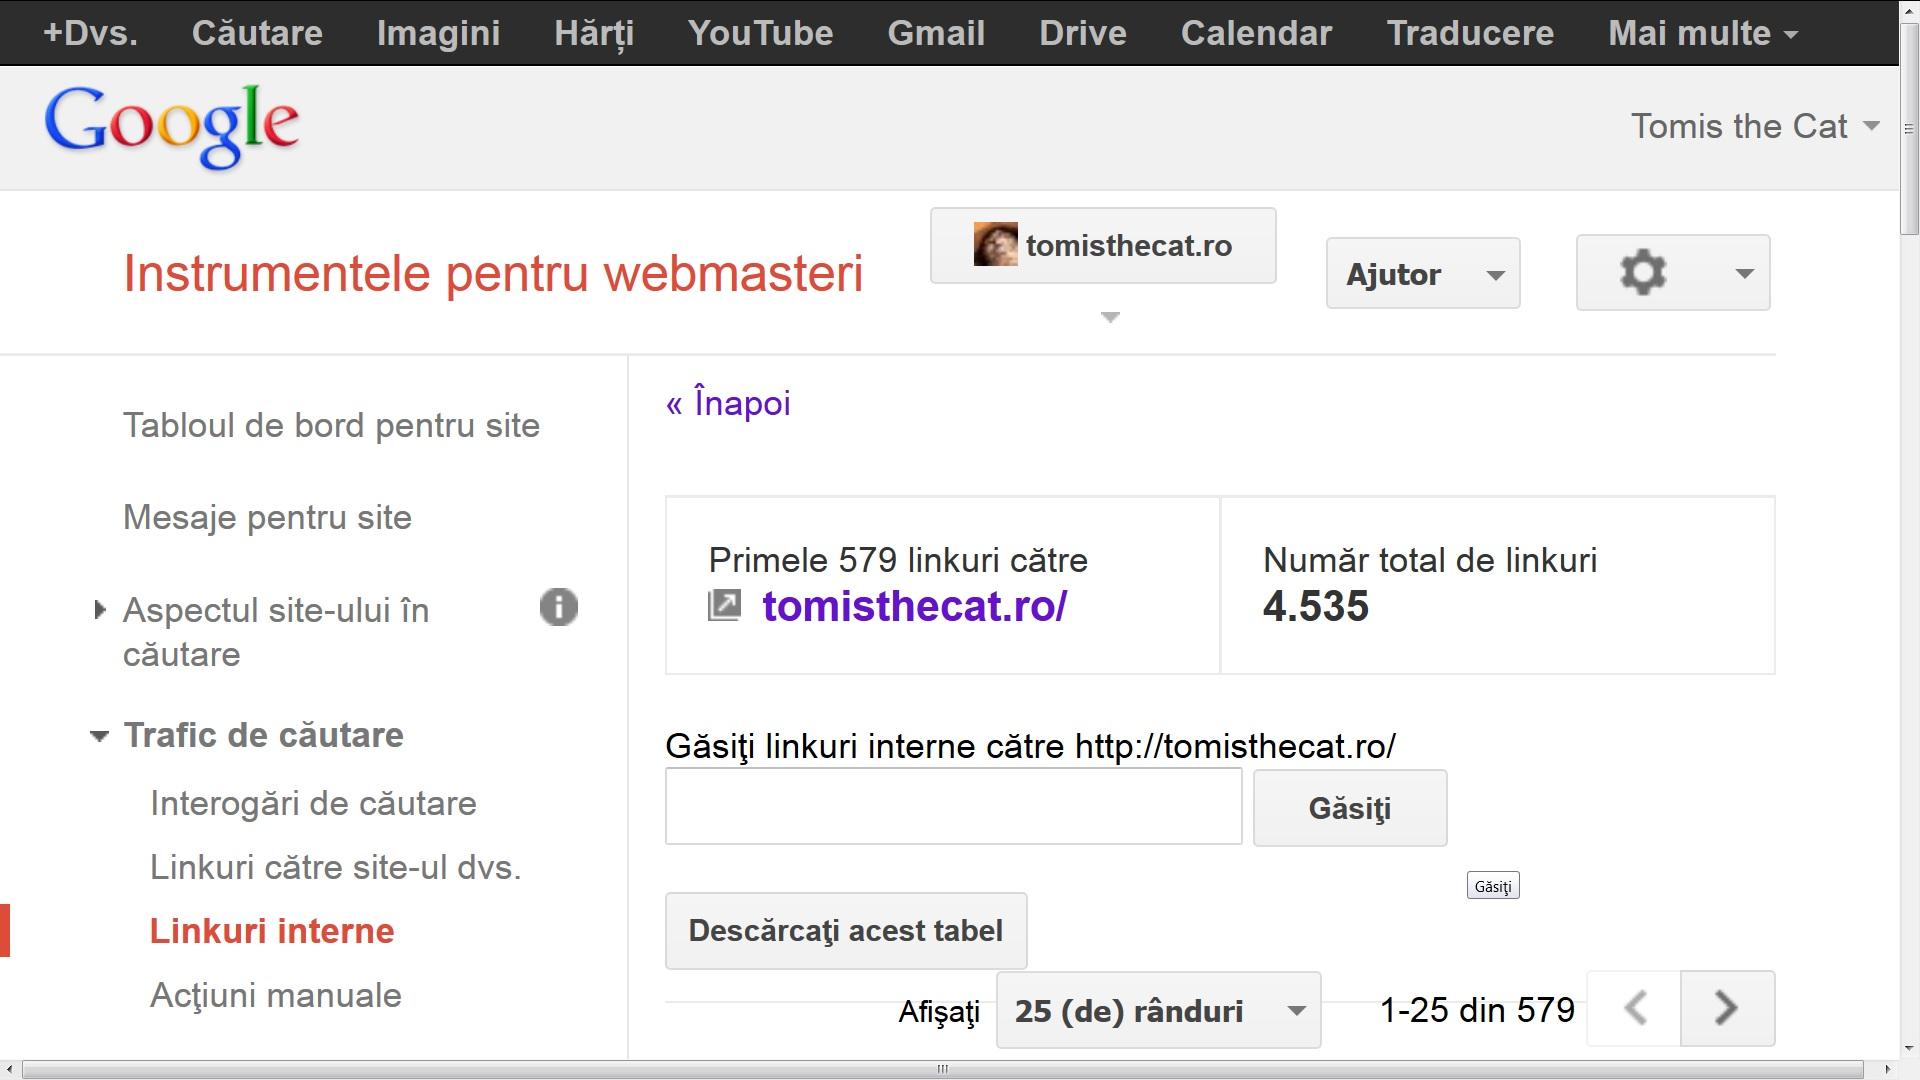 tomisthecat.ro are 4535 linkuri interne astazi 9 decembrie 2013